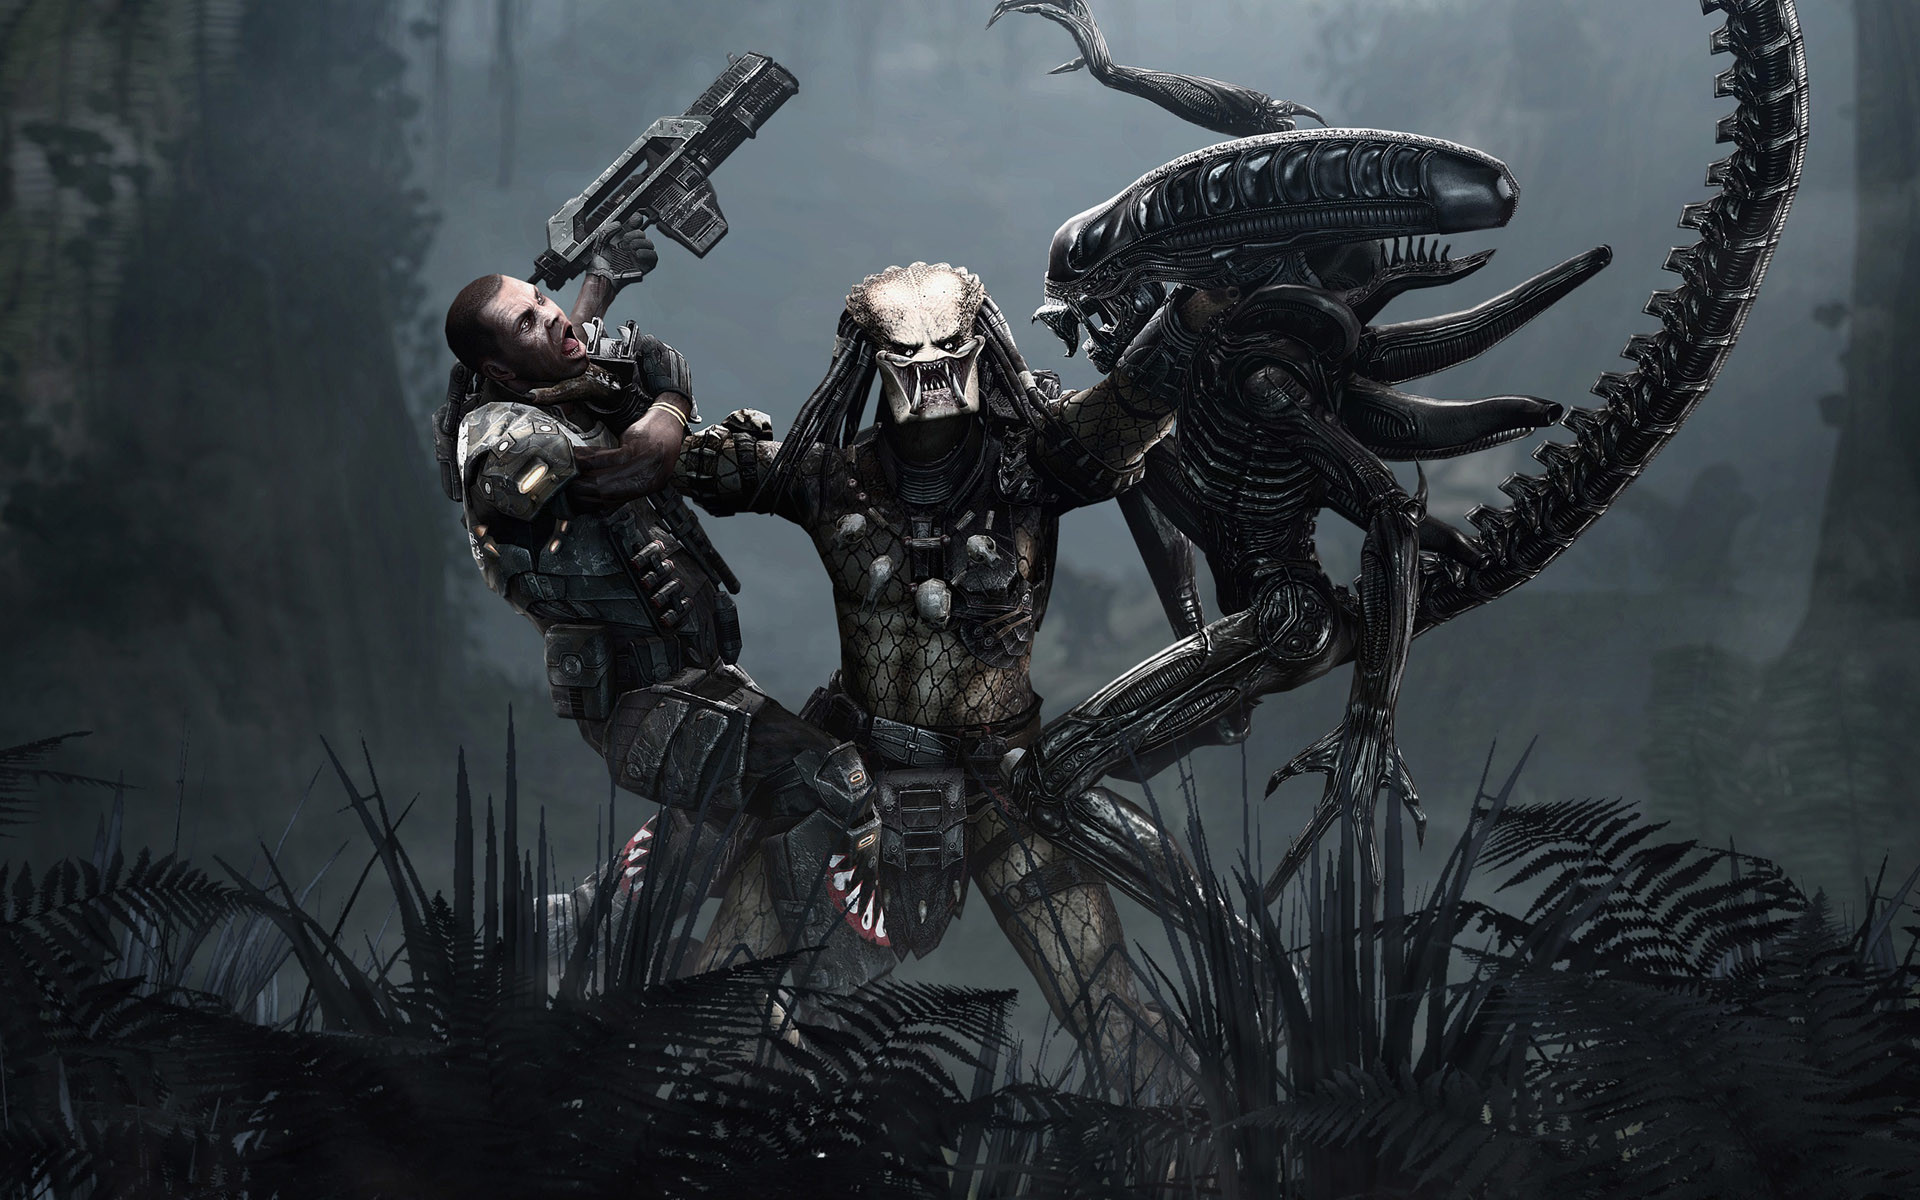 Predator Human US Marines Corps Xenomorph …